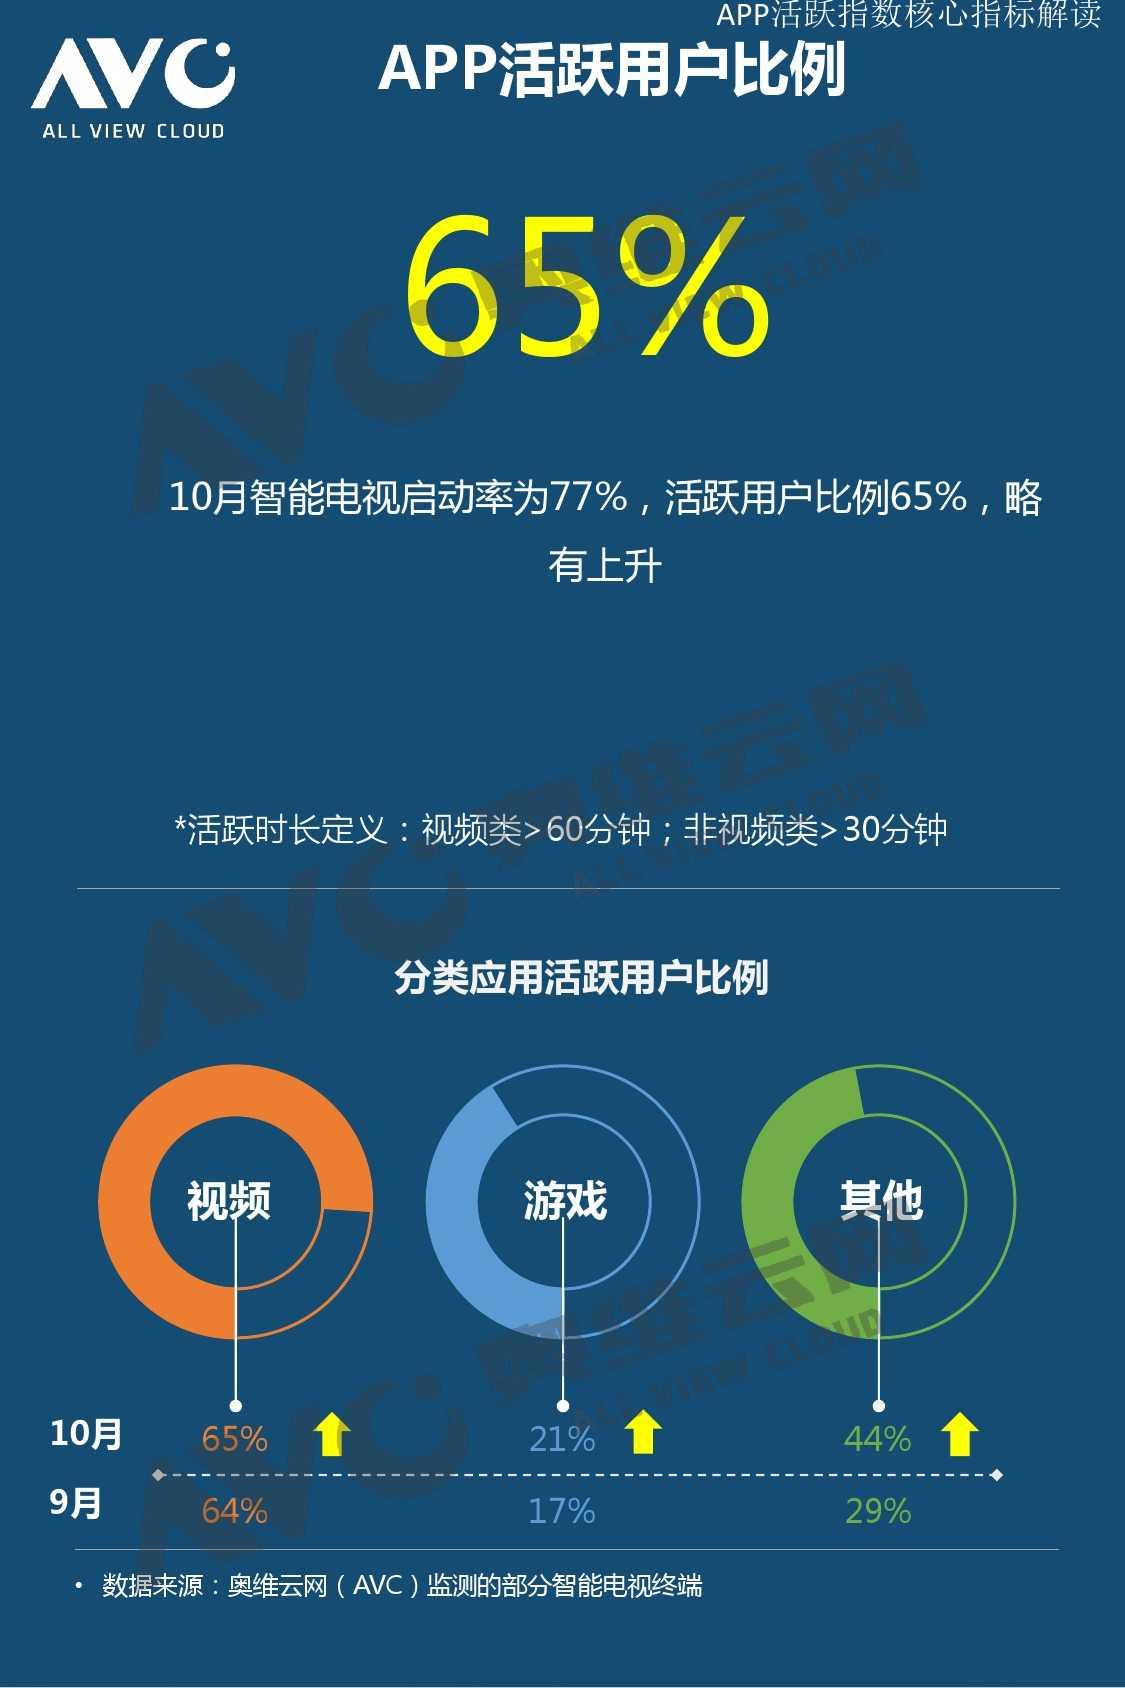 奥维云网:2015年10月份中国OTT发展研究_000008